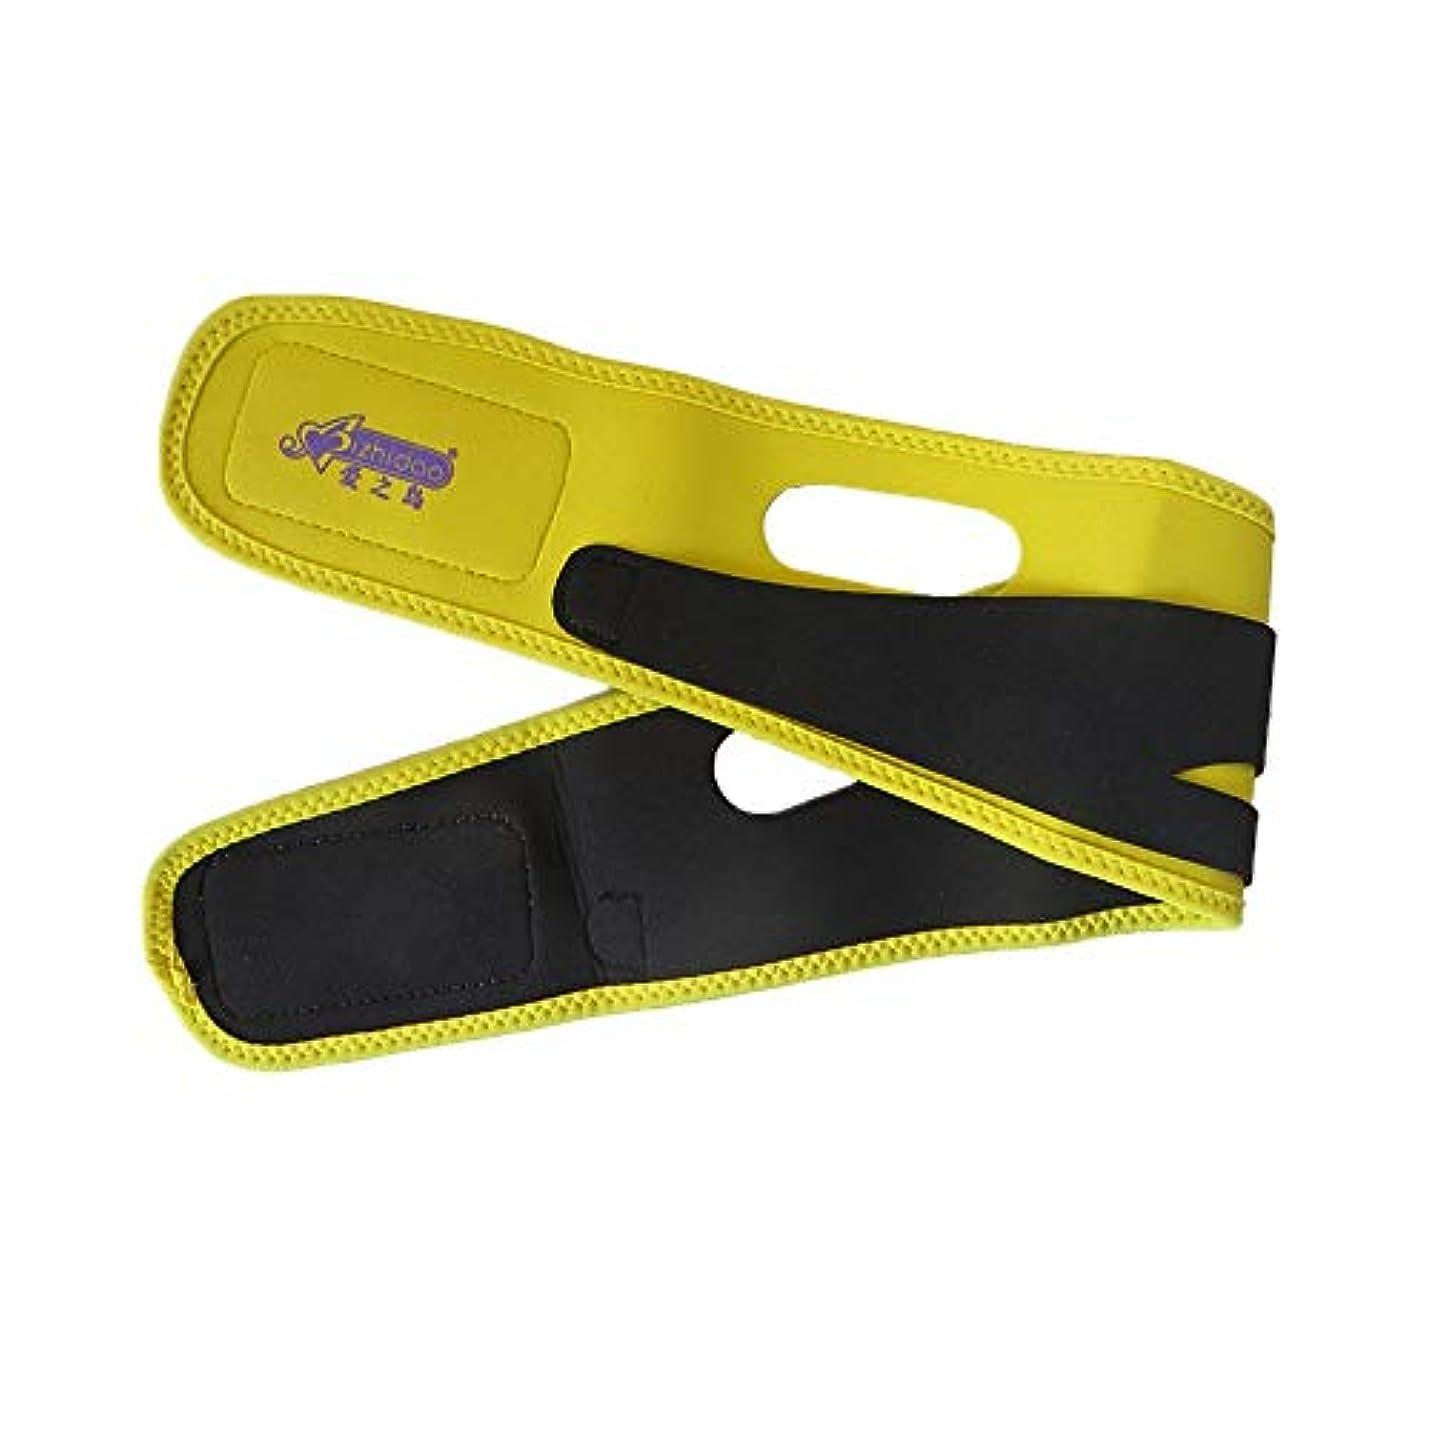 ブランクコンピューター苦しみXHLMRMJ フェイススリミングバンデージ、ダブルチンケア減量、フェイシャルリフティングバンデージ、フェイスマッサージマスク、ダブルチンストラップ(フリーサイズ) (Color : Yellow)